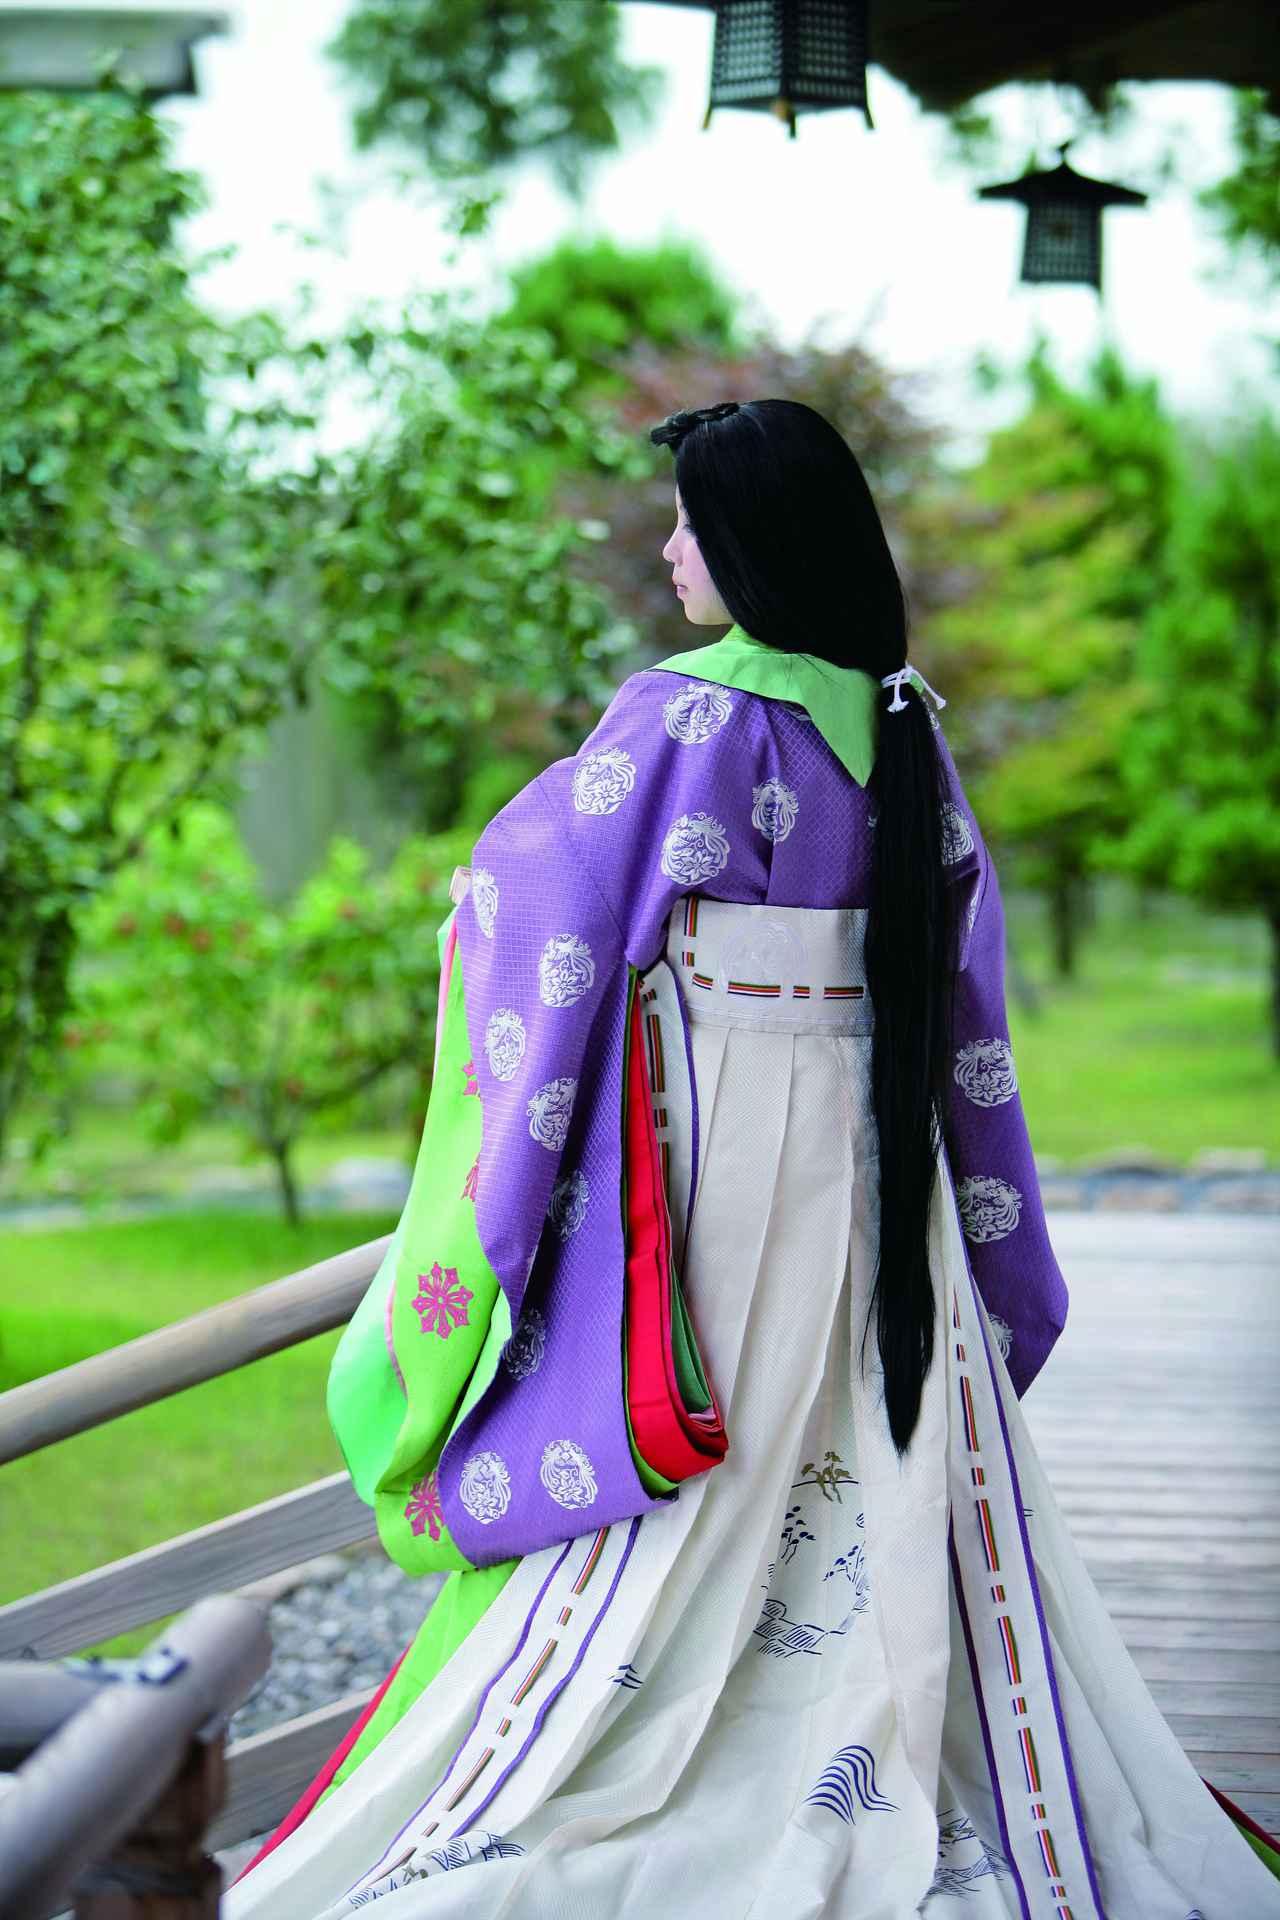 画像2: 【平安時代】平安装束を身にまとい、王朝貴族気分の滞在を堪能できる「社乃森」